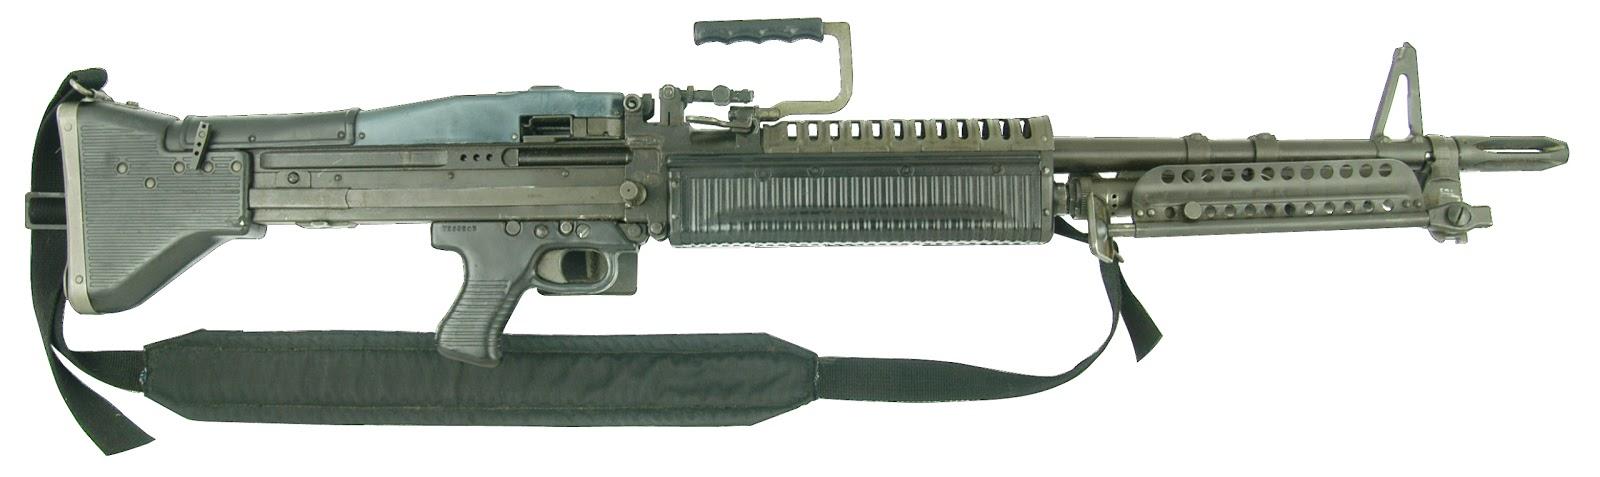 Machine Guns M60 Photos HD Wallpapers Military WallBase 1600x477